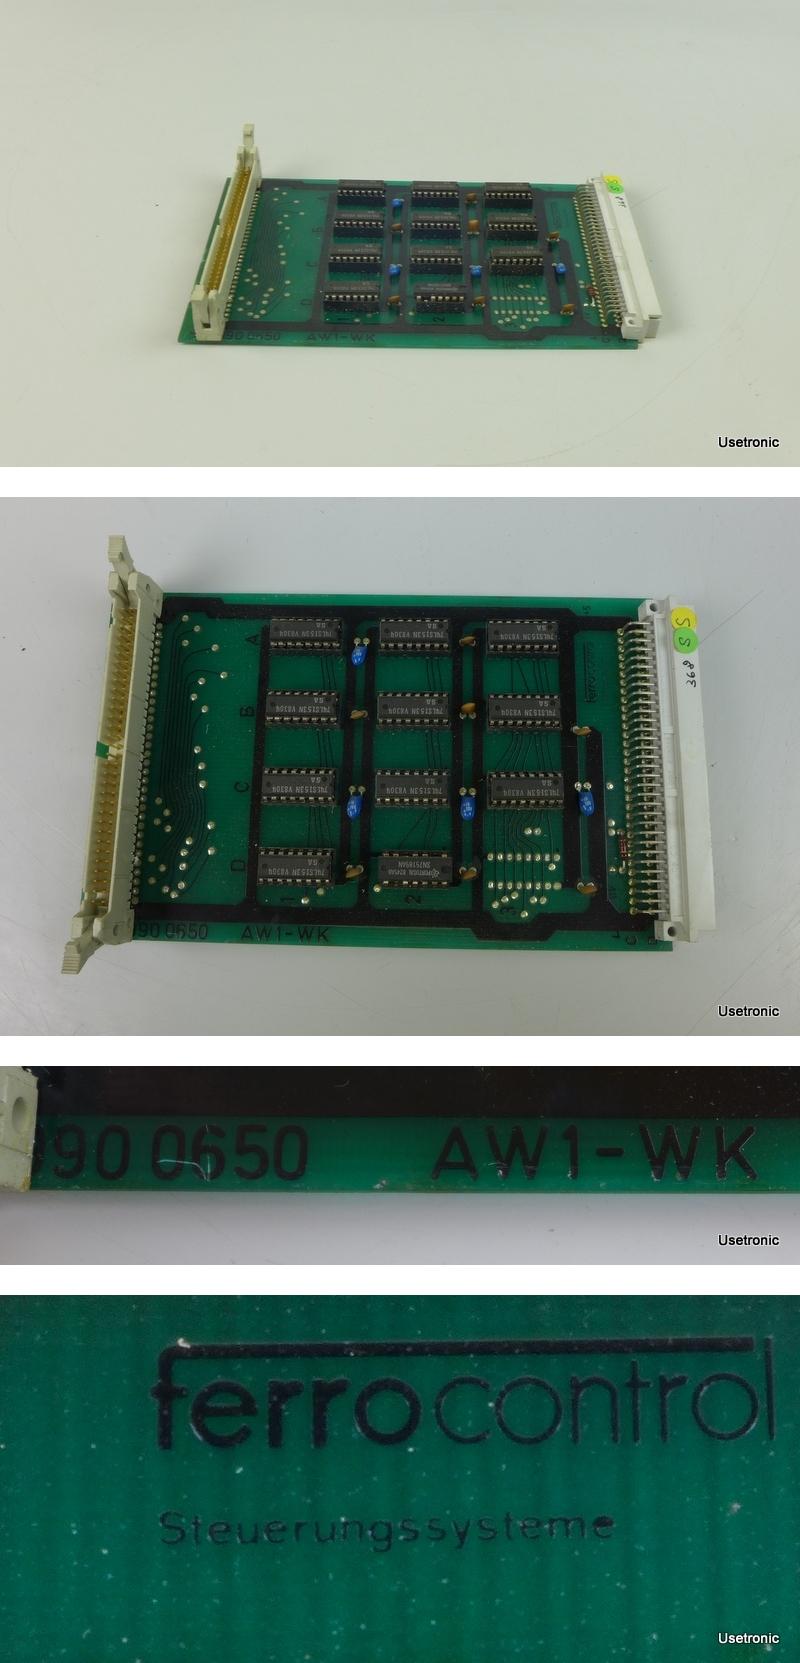 Ferrocontrol AW1-WK